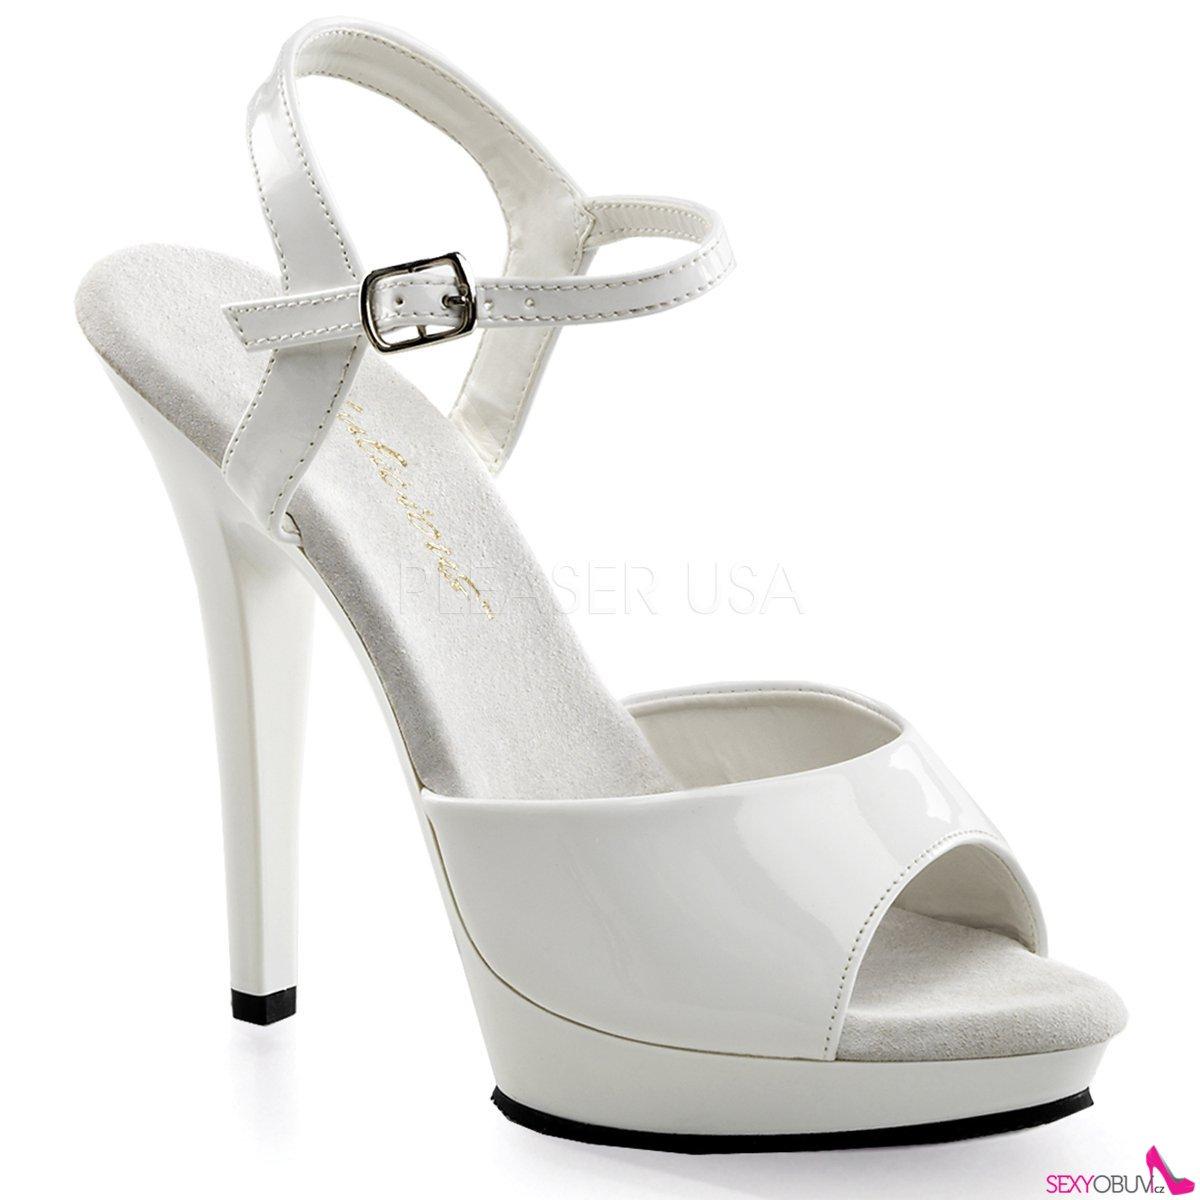 LIP-109 Společenské bílé sexy boty na podpatku  365b1f144b